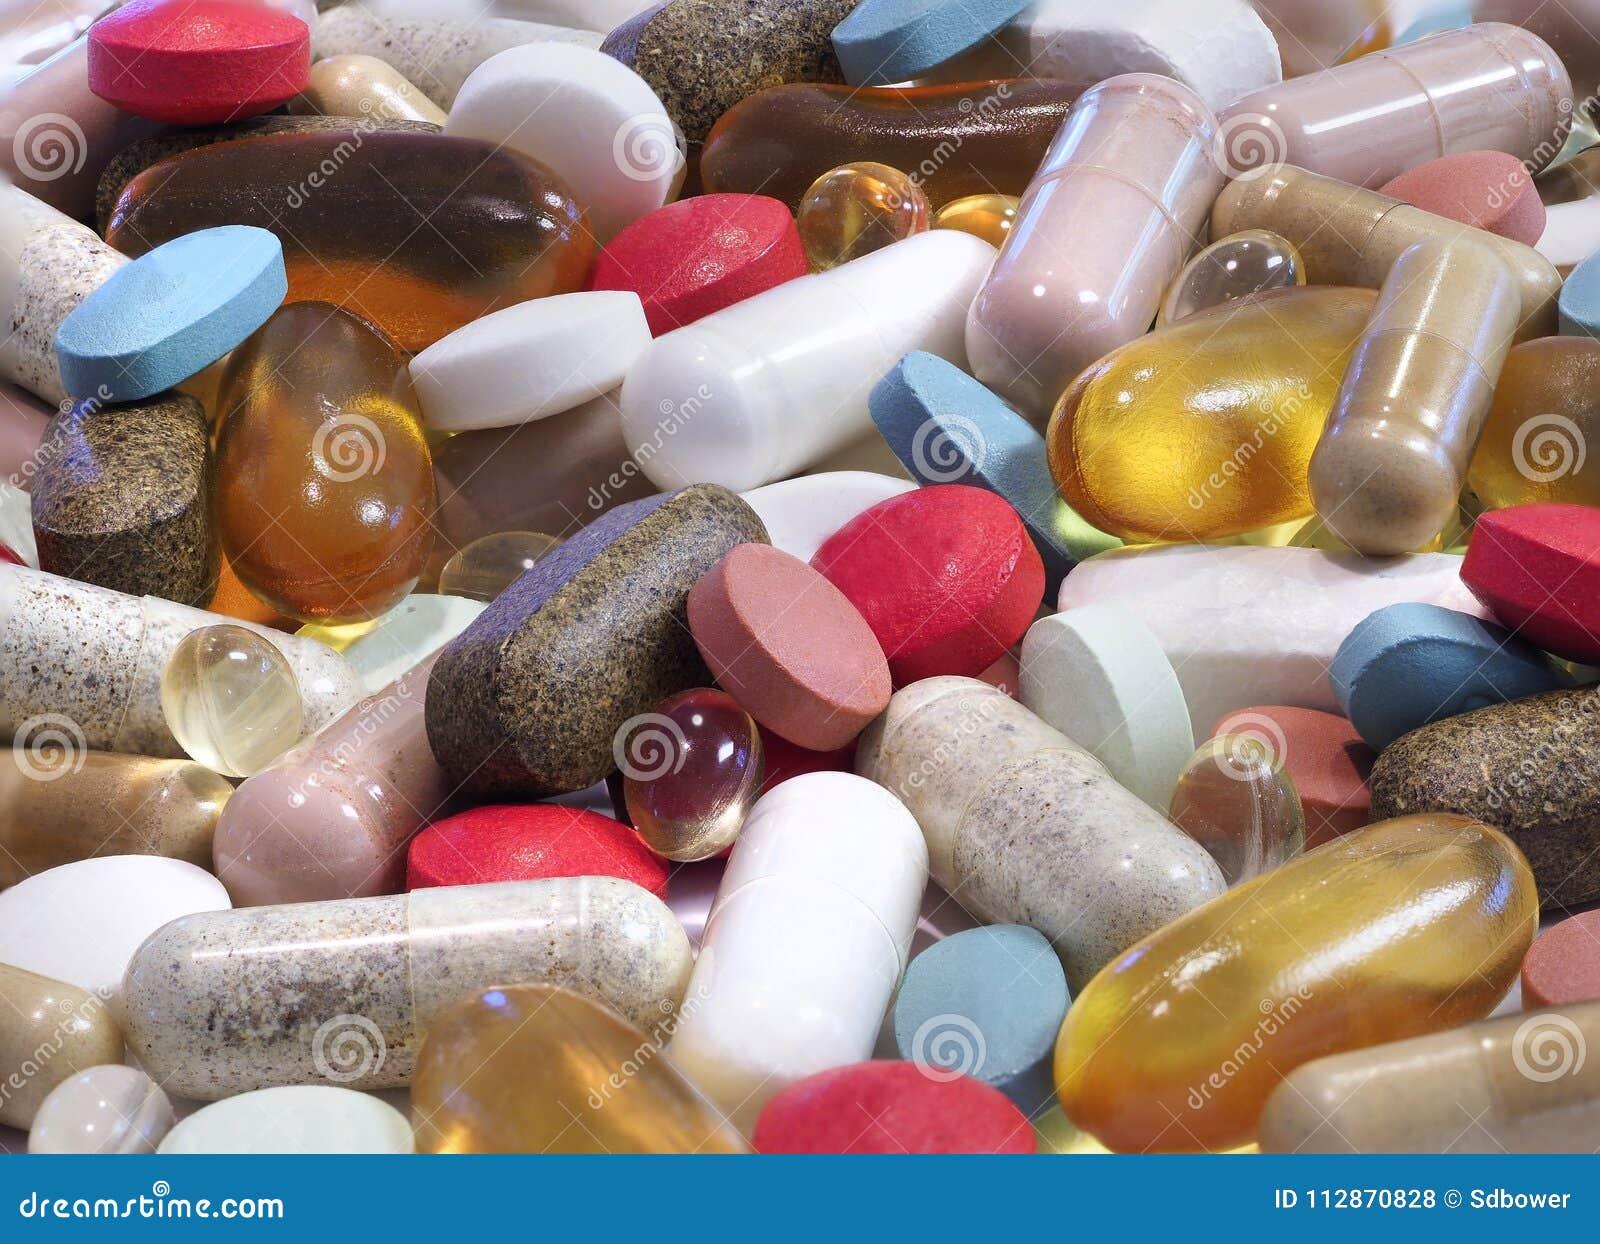 Close-upnadruk Gestapeld Beeld van een verscheidenheid van Pillen, Capsules, en